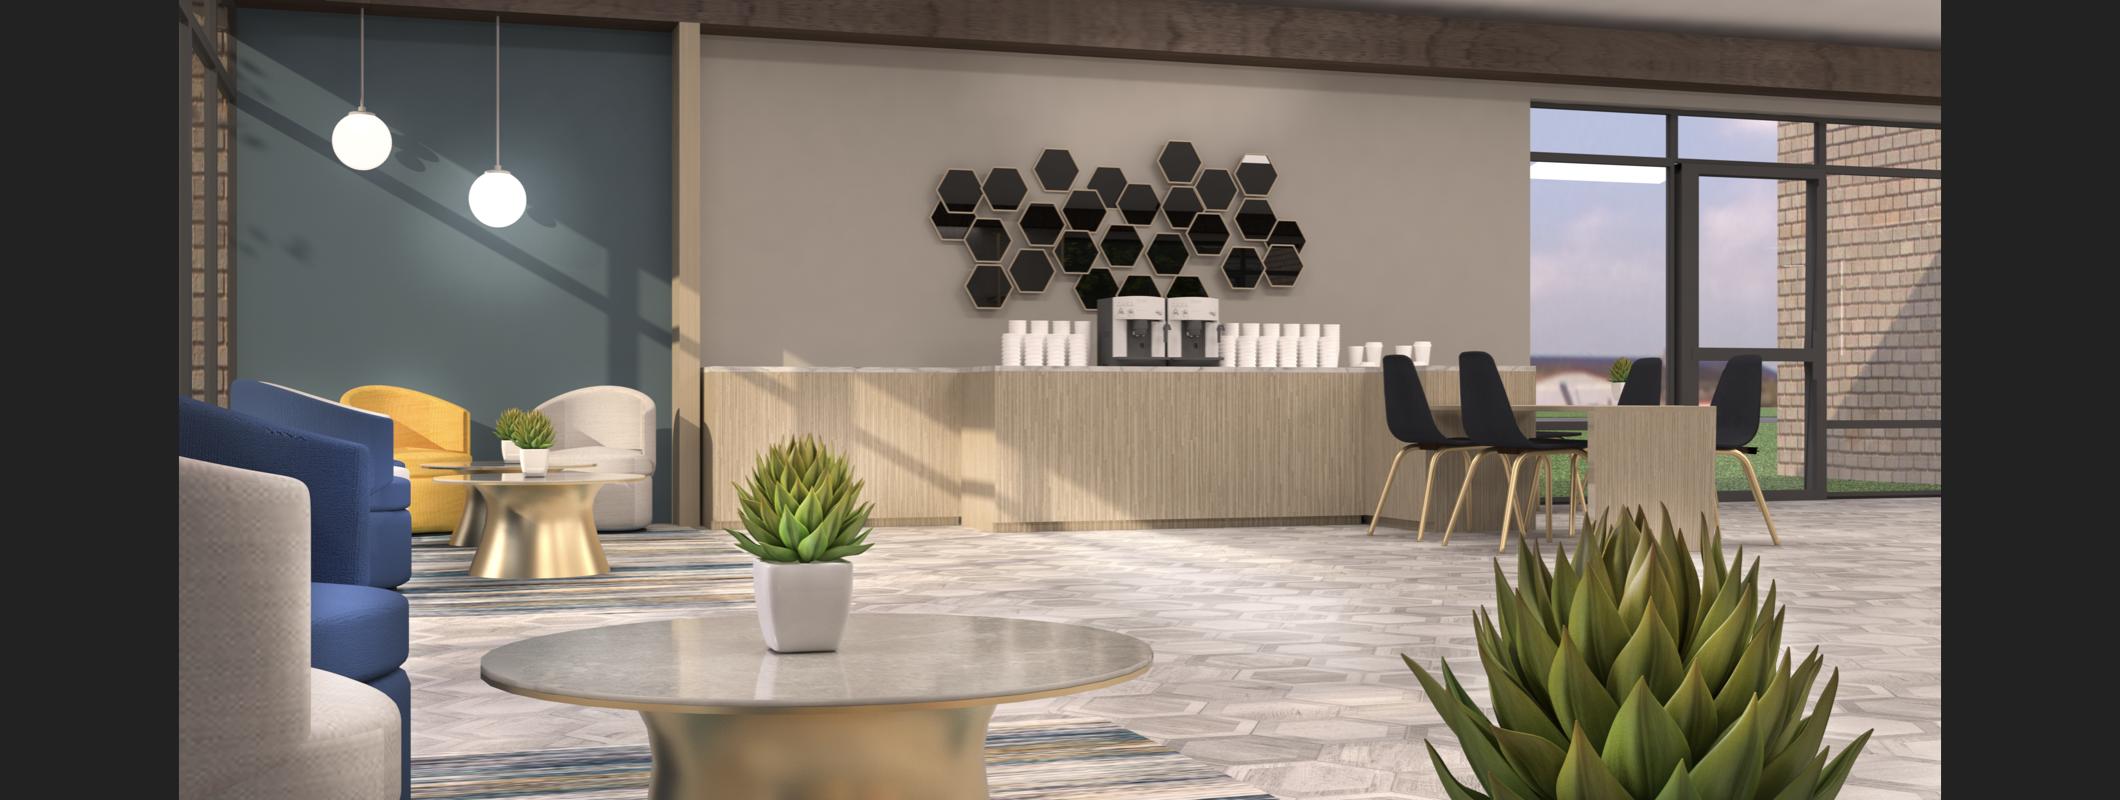 Foyer/Coffee